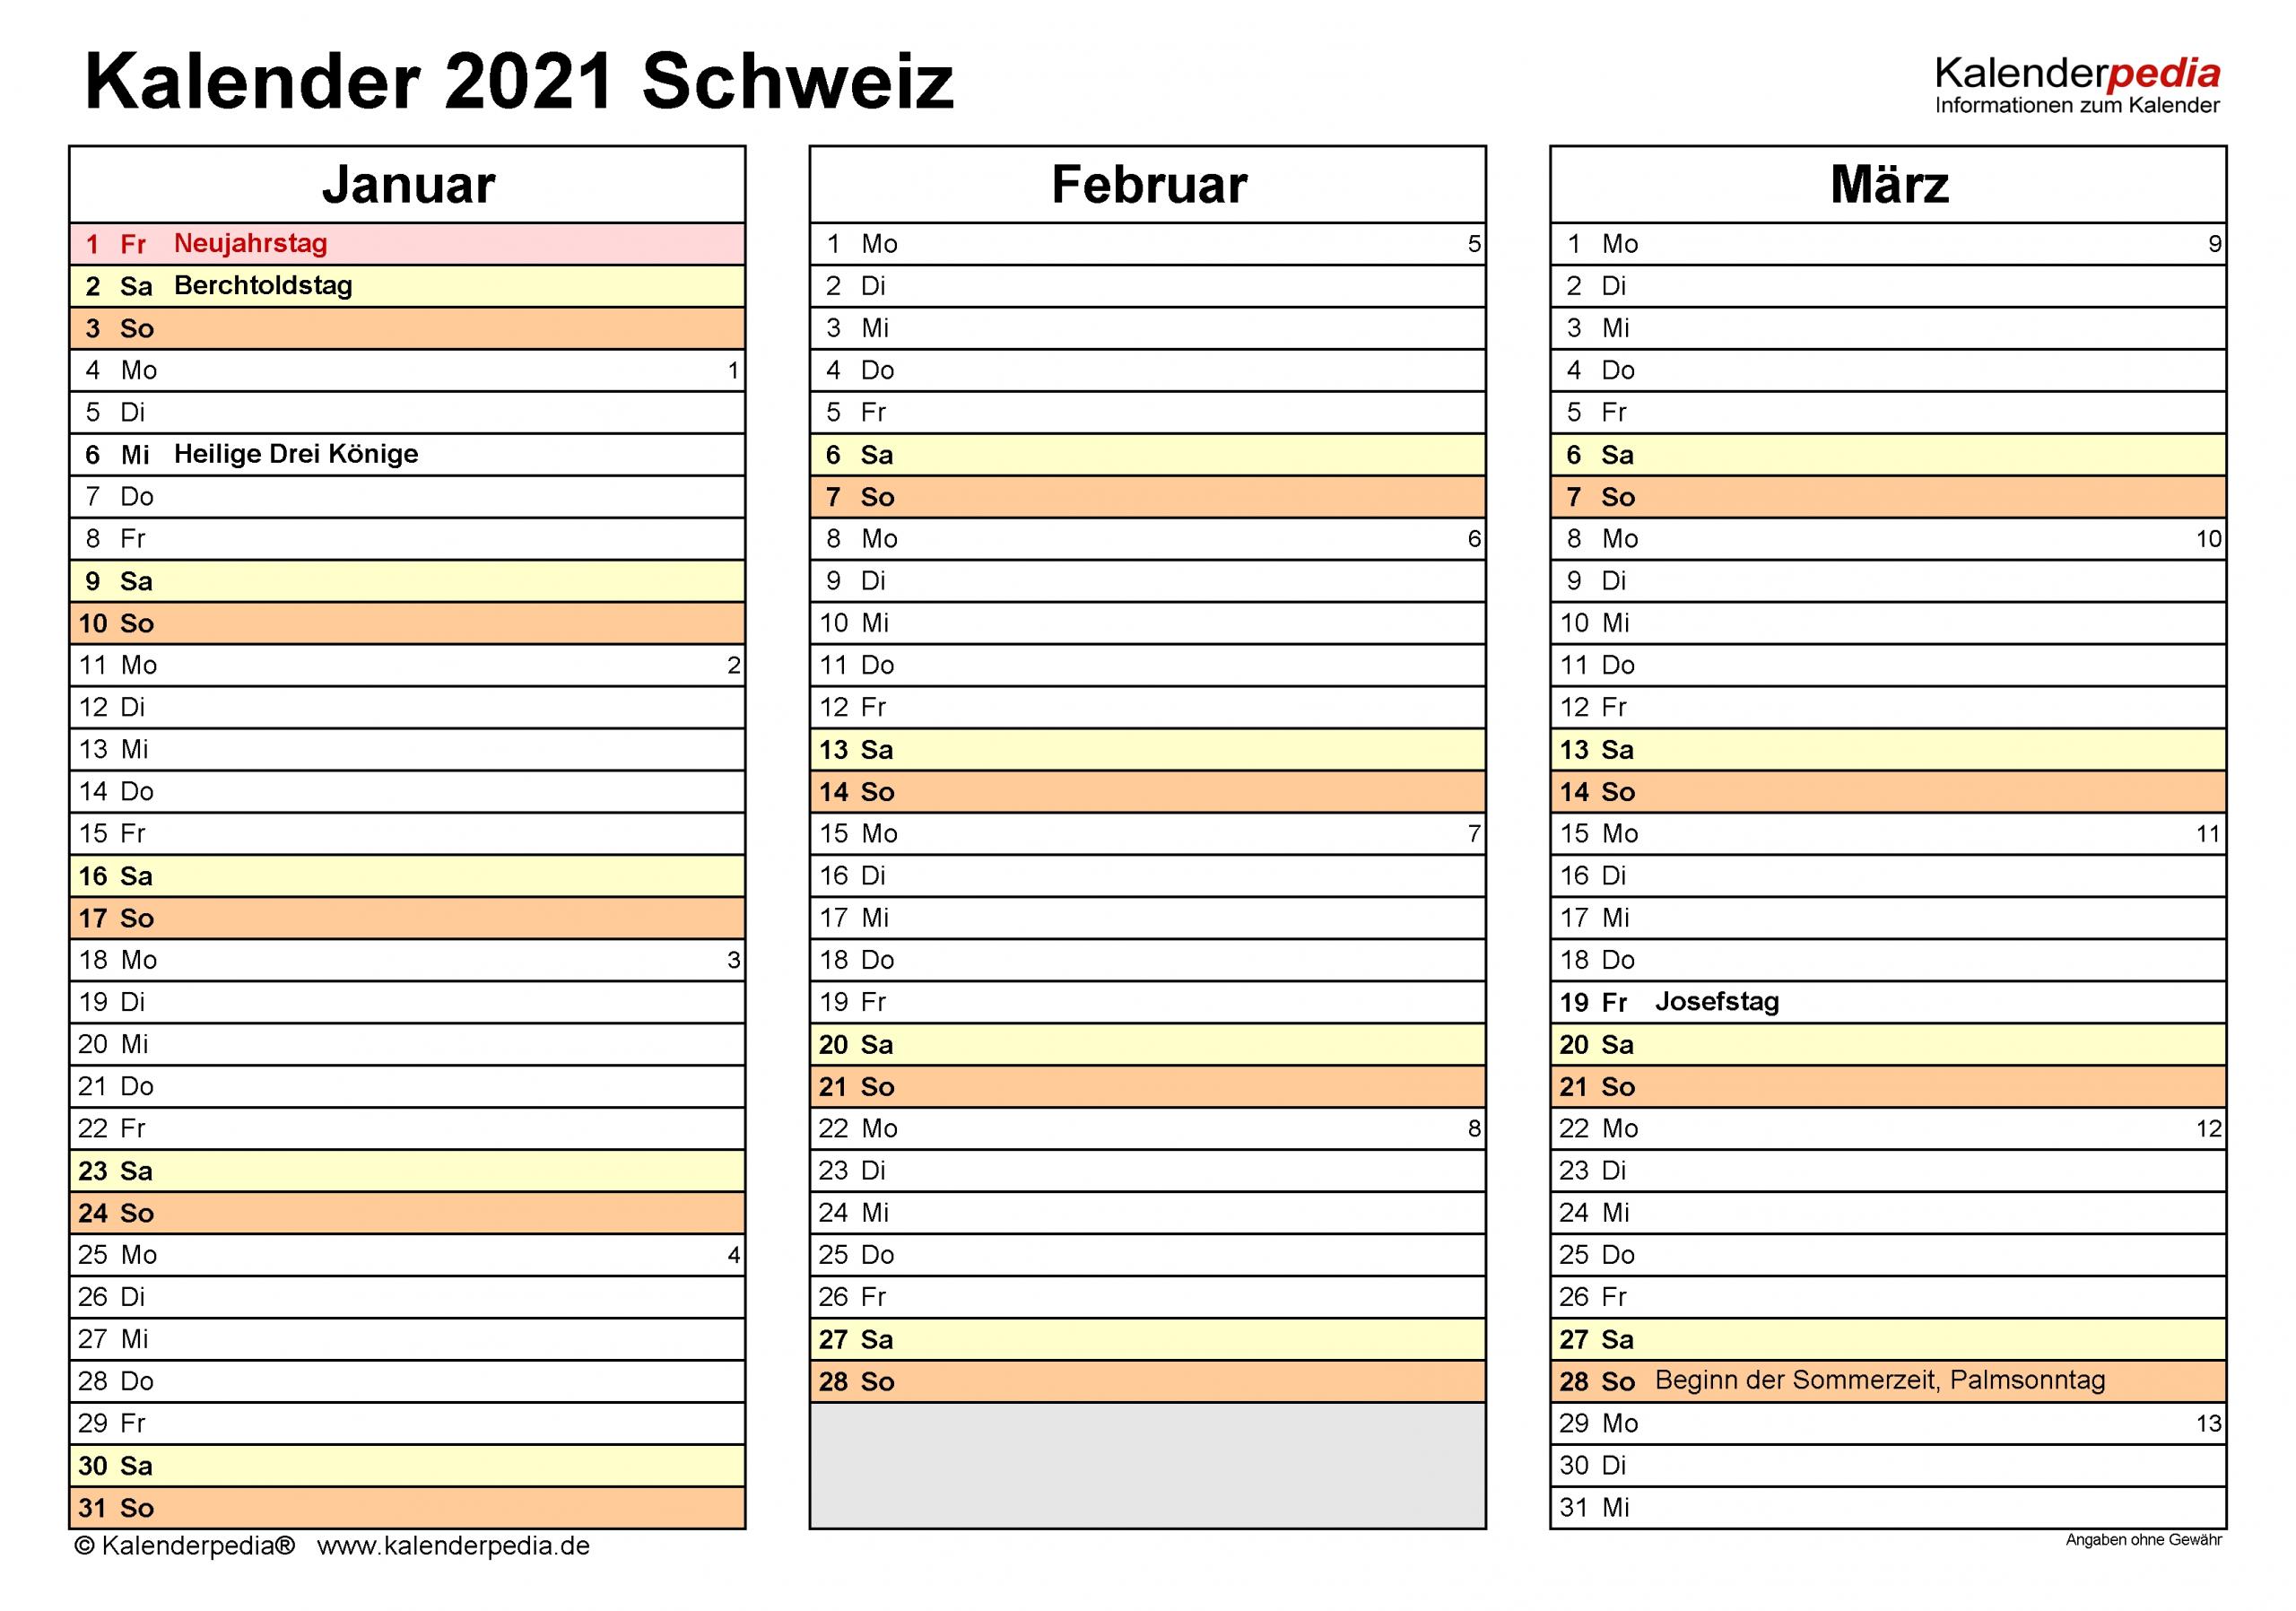 Get Kalenderpedia 2021 Schweiz Pro Monat